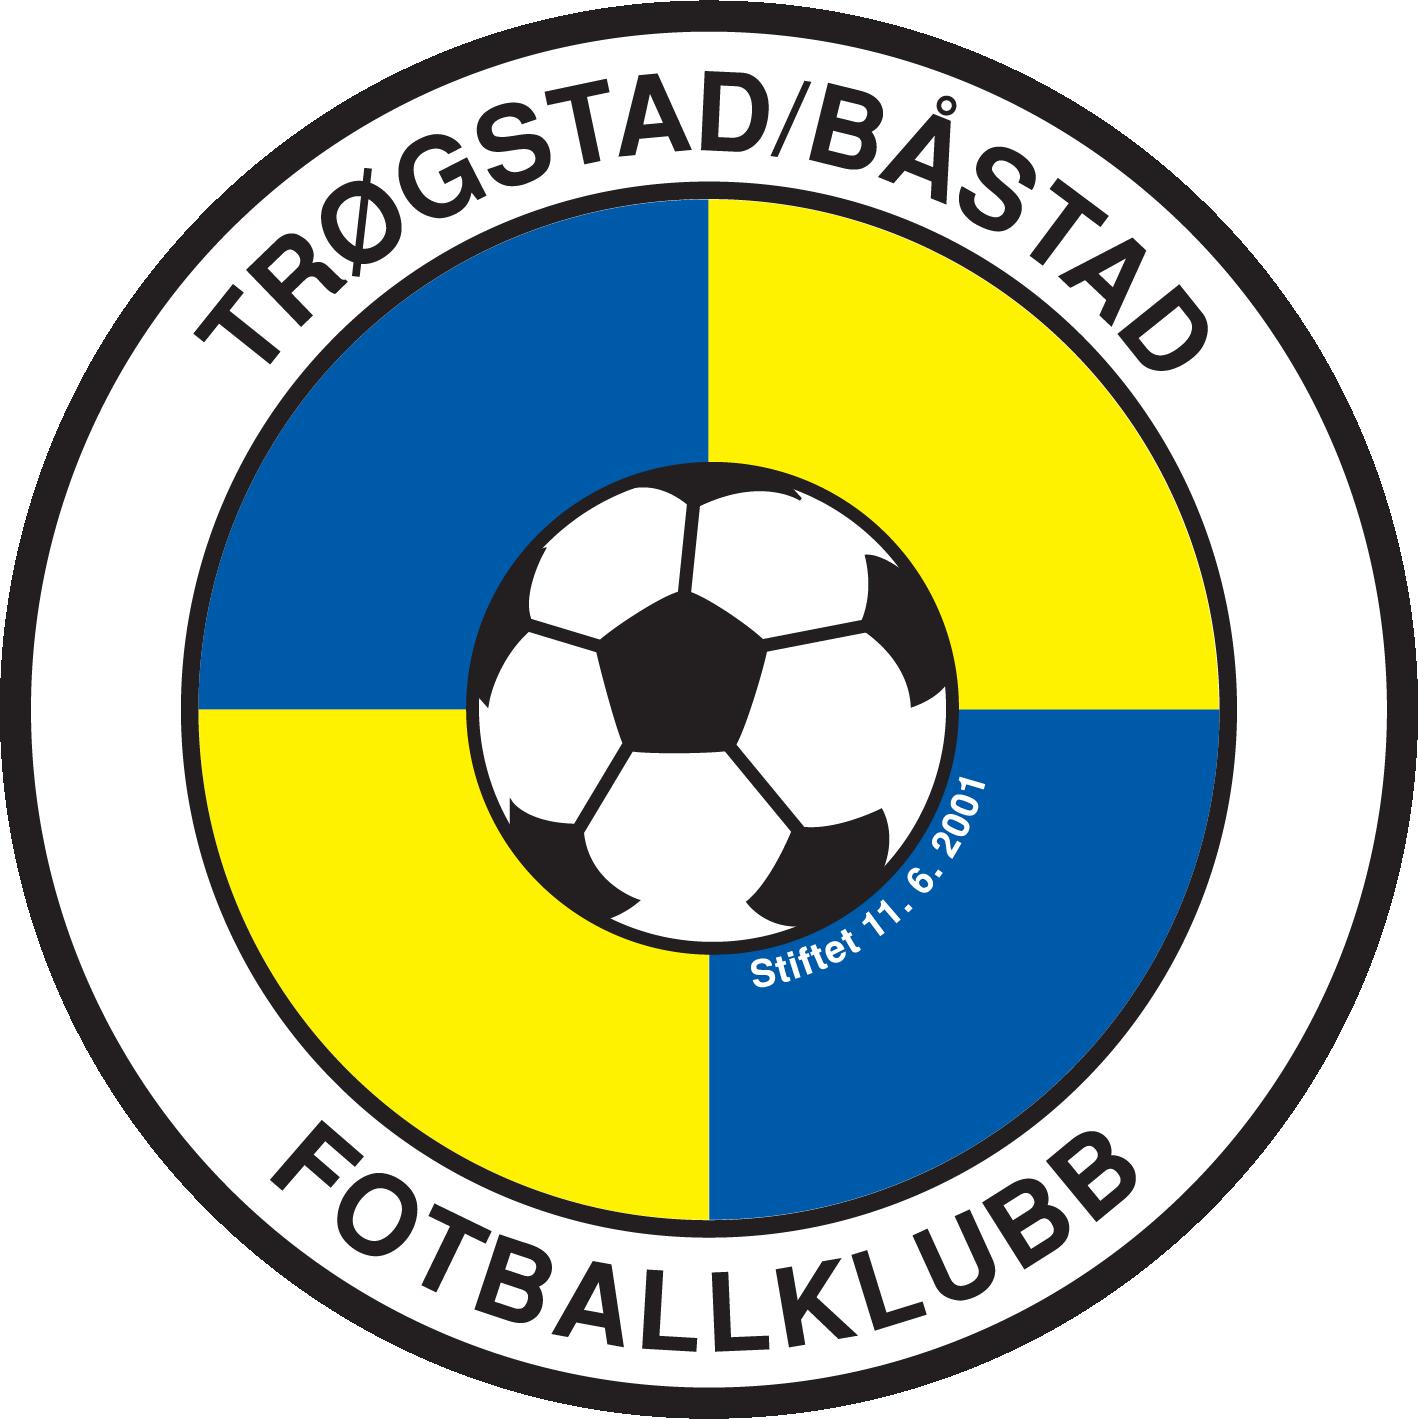 Logo Trøgstad/Båstad Fotballklubb